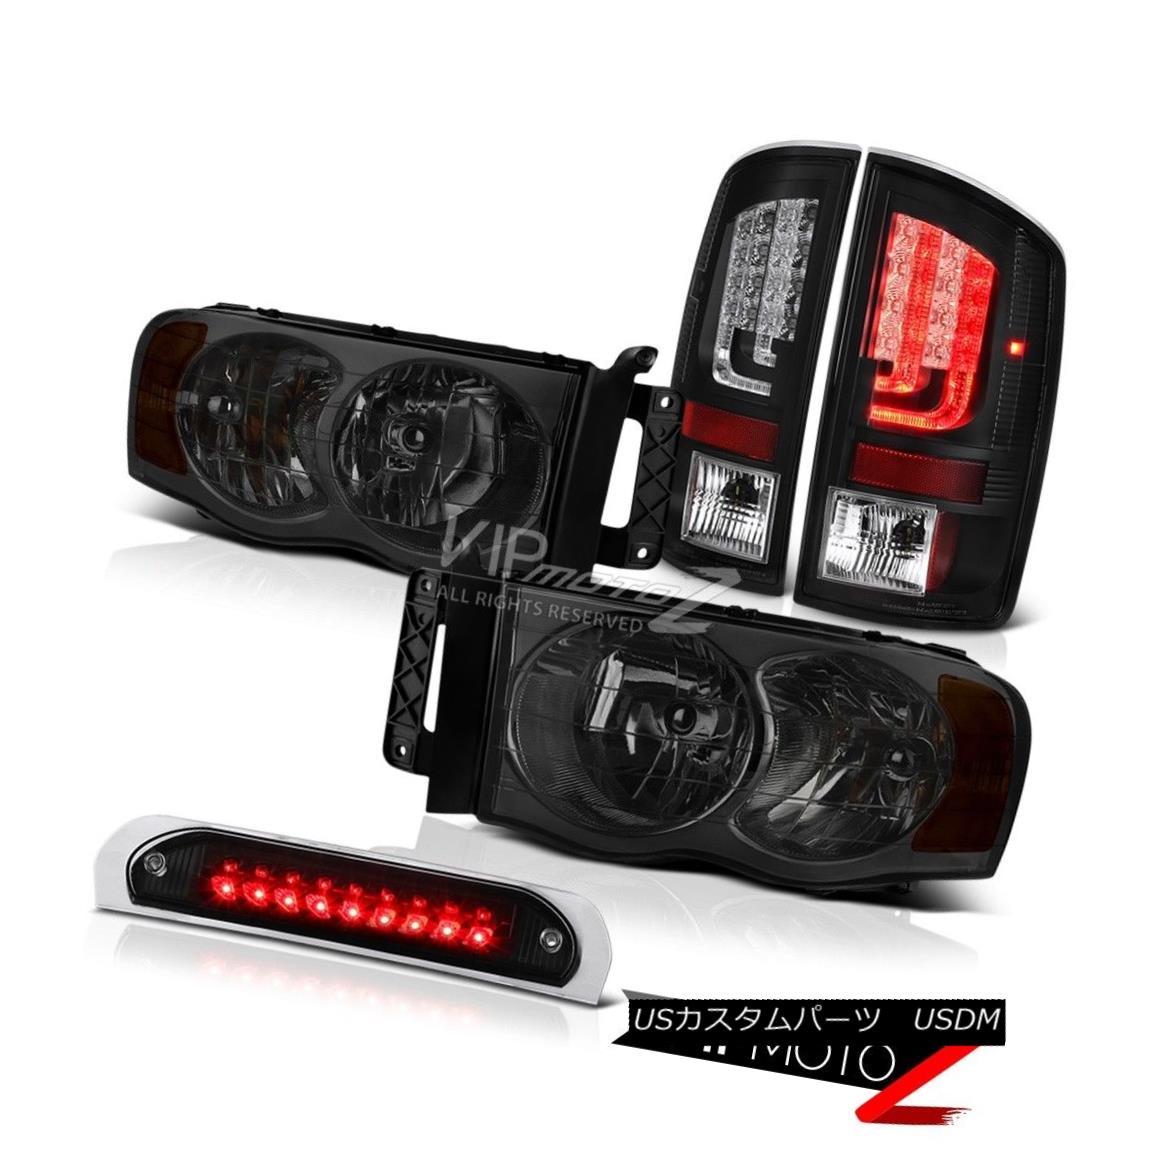 テールライト 02-05 Ram 1500 2500 3500 WS Rear Brake Lamps Roof Cab Light Headlamps Assembly 02-05 Ram 1500 2500 3500 WSリアブレーキランプルーフキャブライトヘッドランプアセンブリ